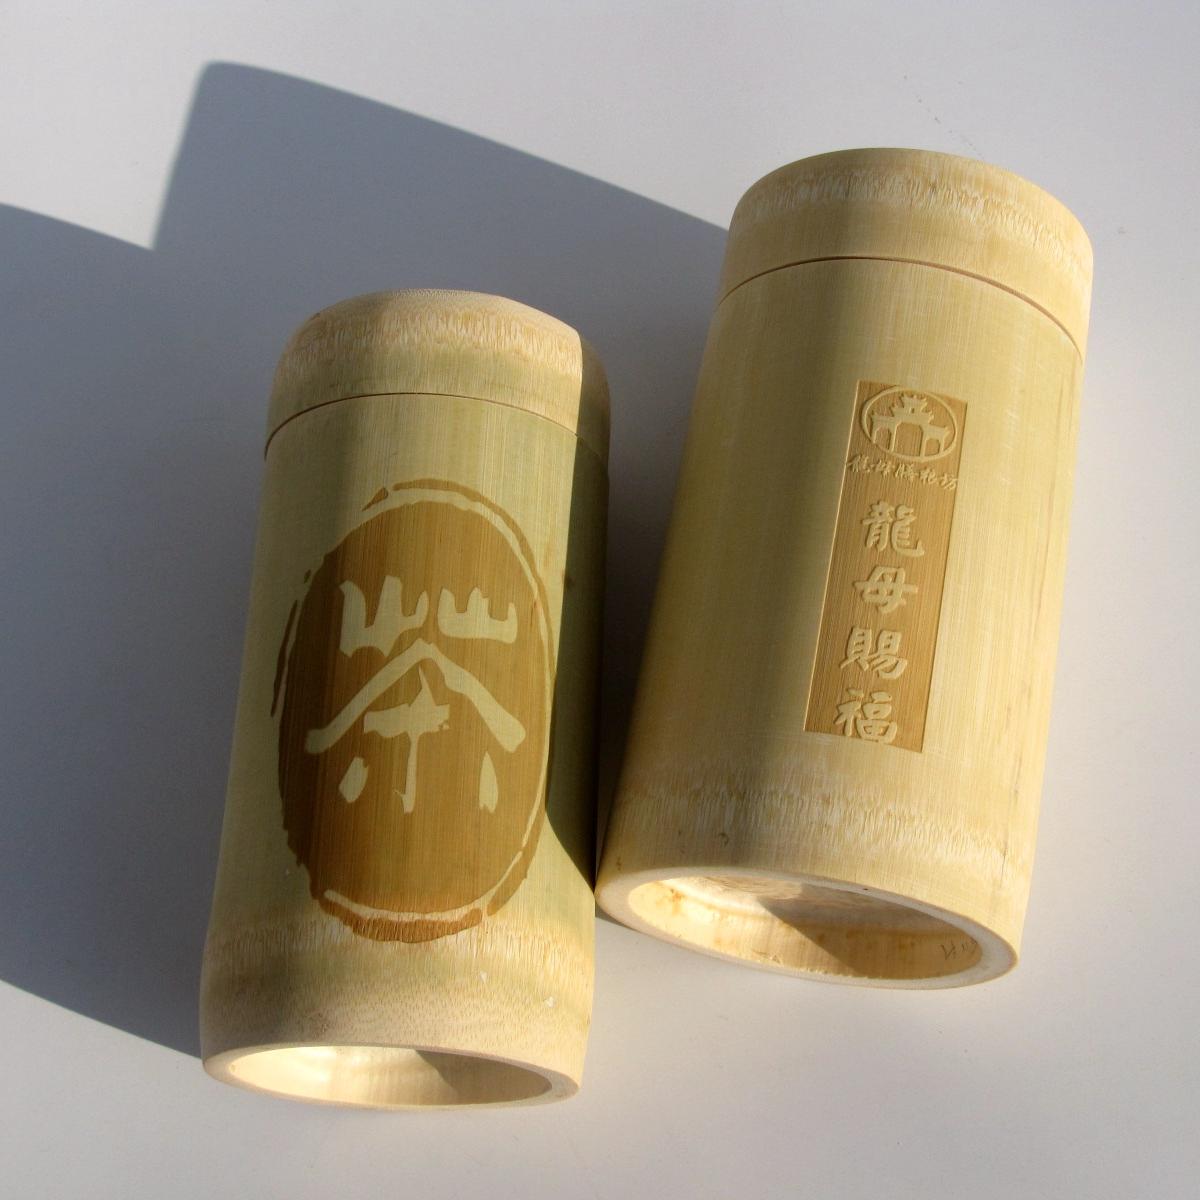 厂家直销竹质茶叶筒 竹筒竹节包装茶叶罐 无漆食品包装密封罐图片